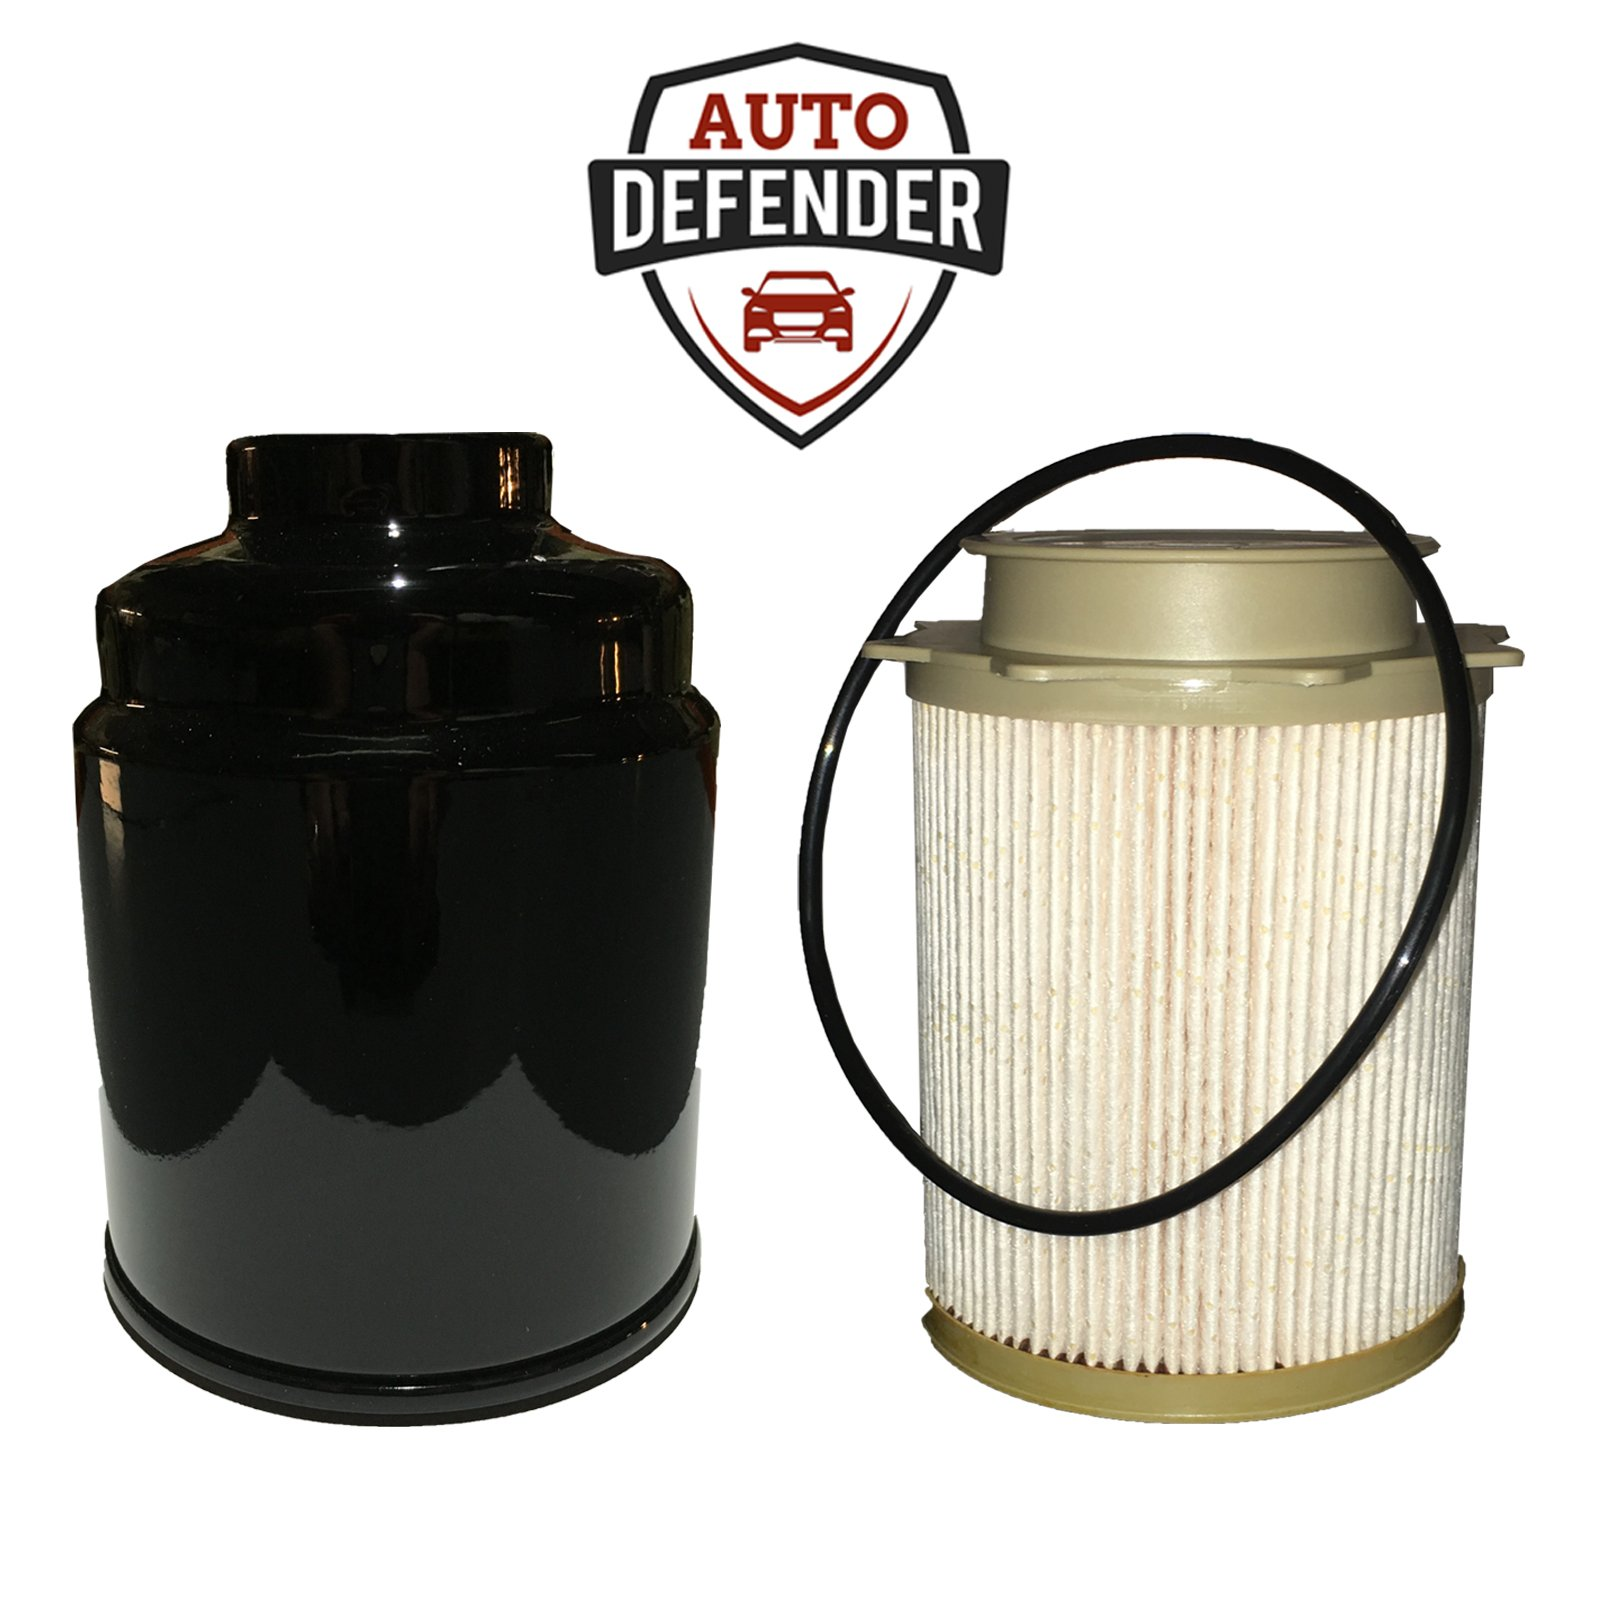 Dodge 67l Cummins Fuel Filter Water Separator Set For 13 17 Ram Truck Filters 2500 3500 4500 5500 Diesel Trucks Df401 Ad Df410 Automotive Tibs